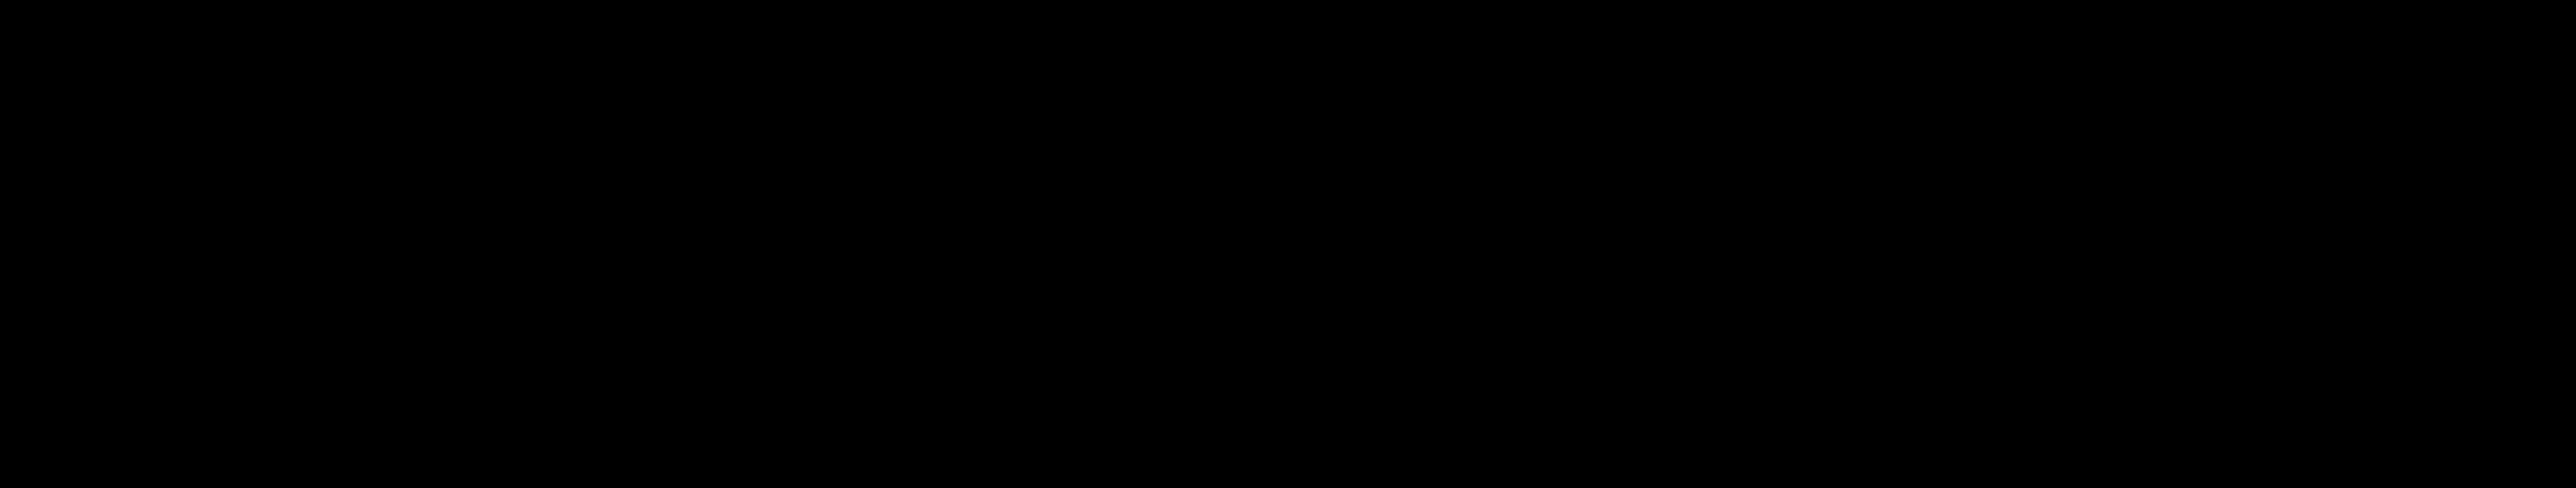 Logo of Equinox